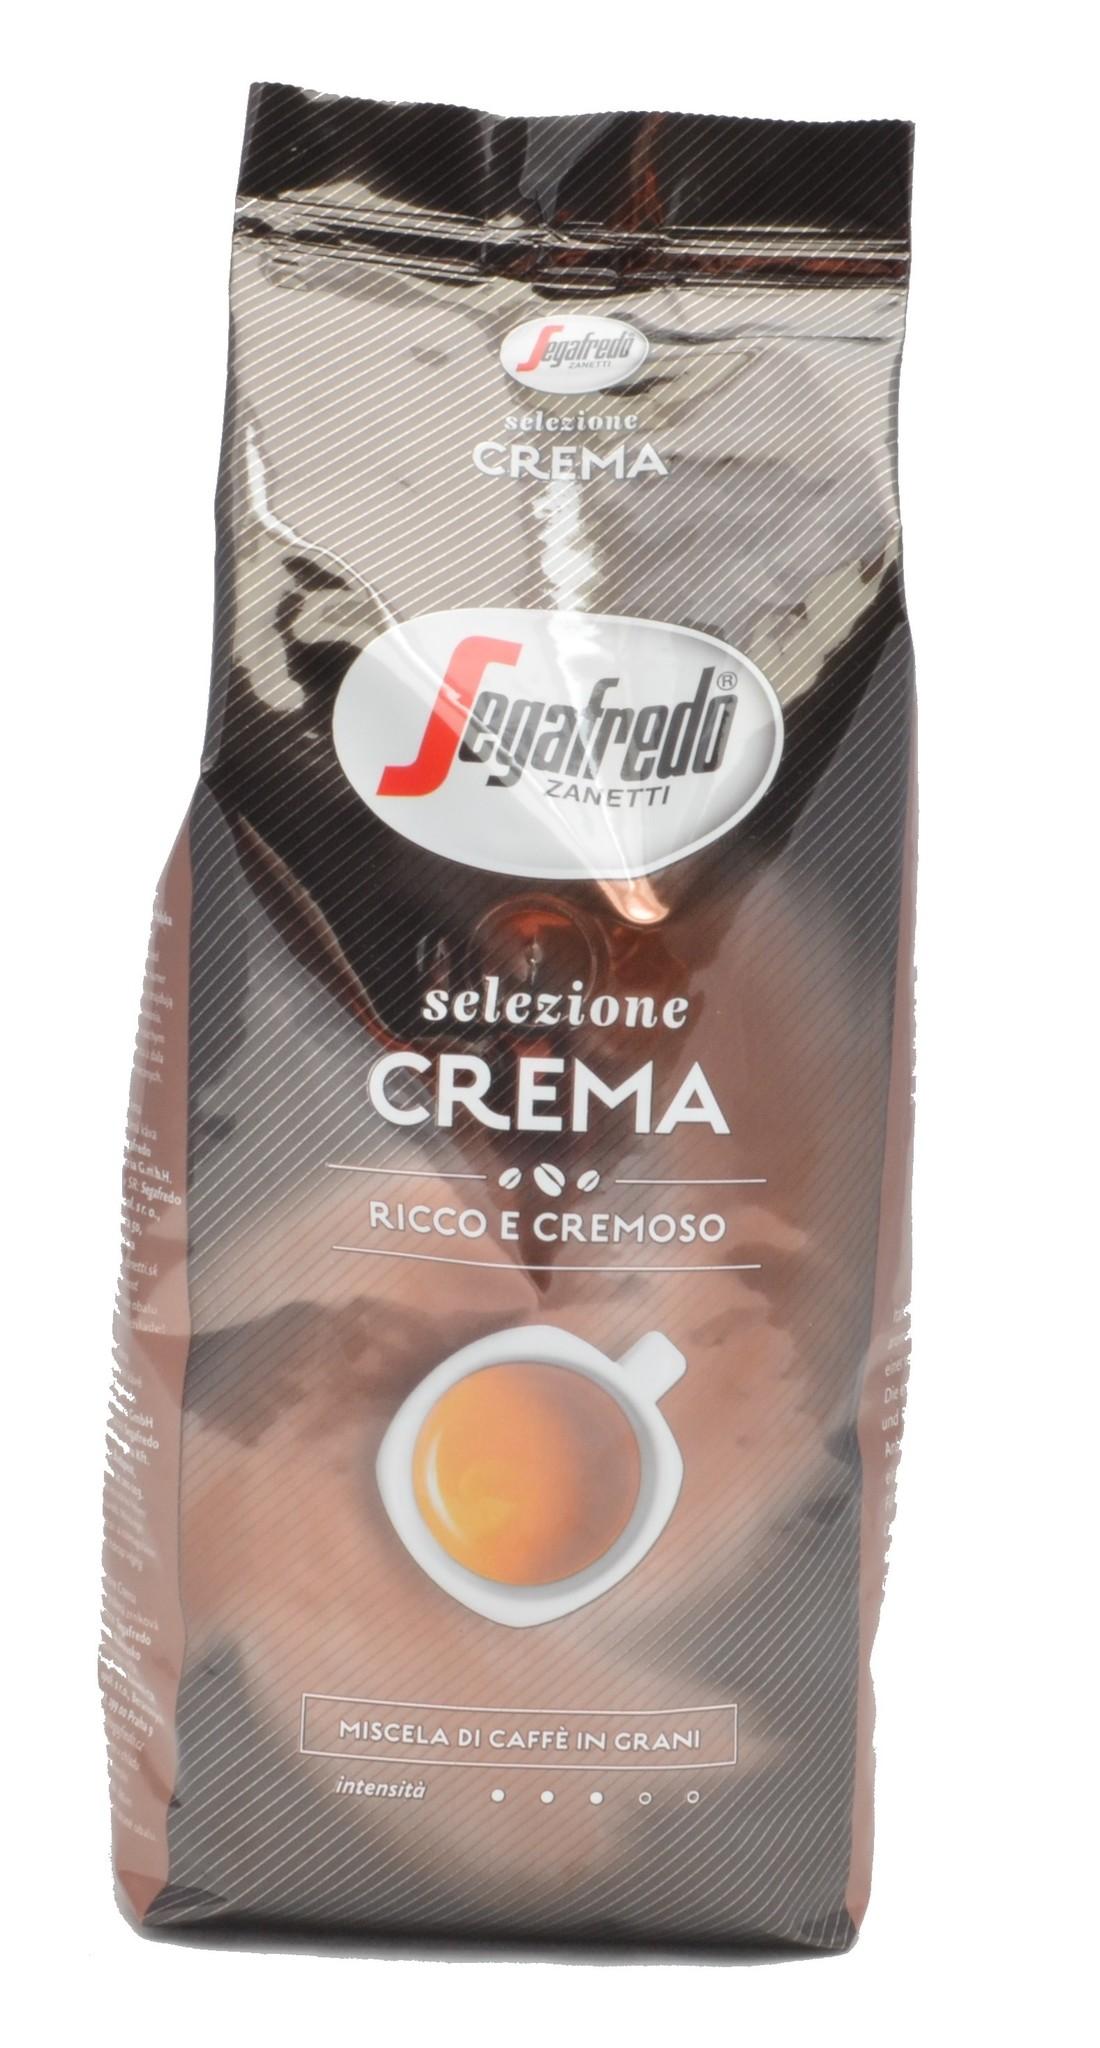 Segafredo Selezione Crema Bohnen 1 kg ab € 8.75